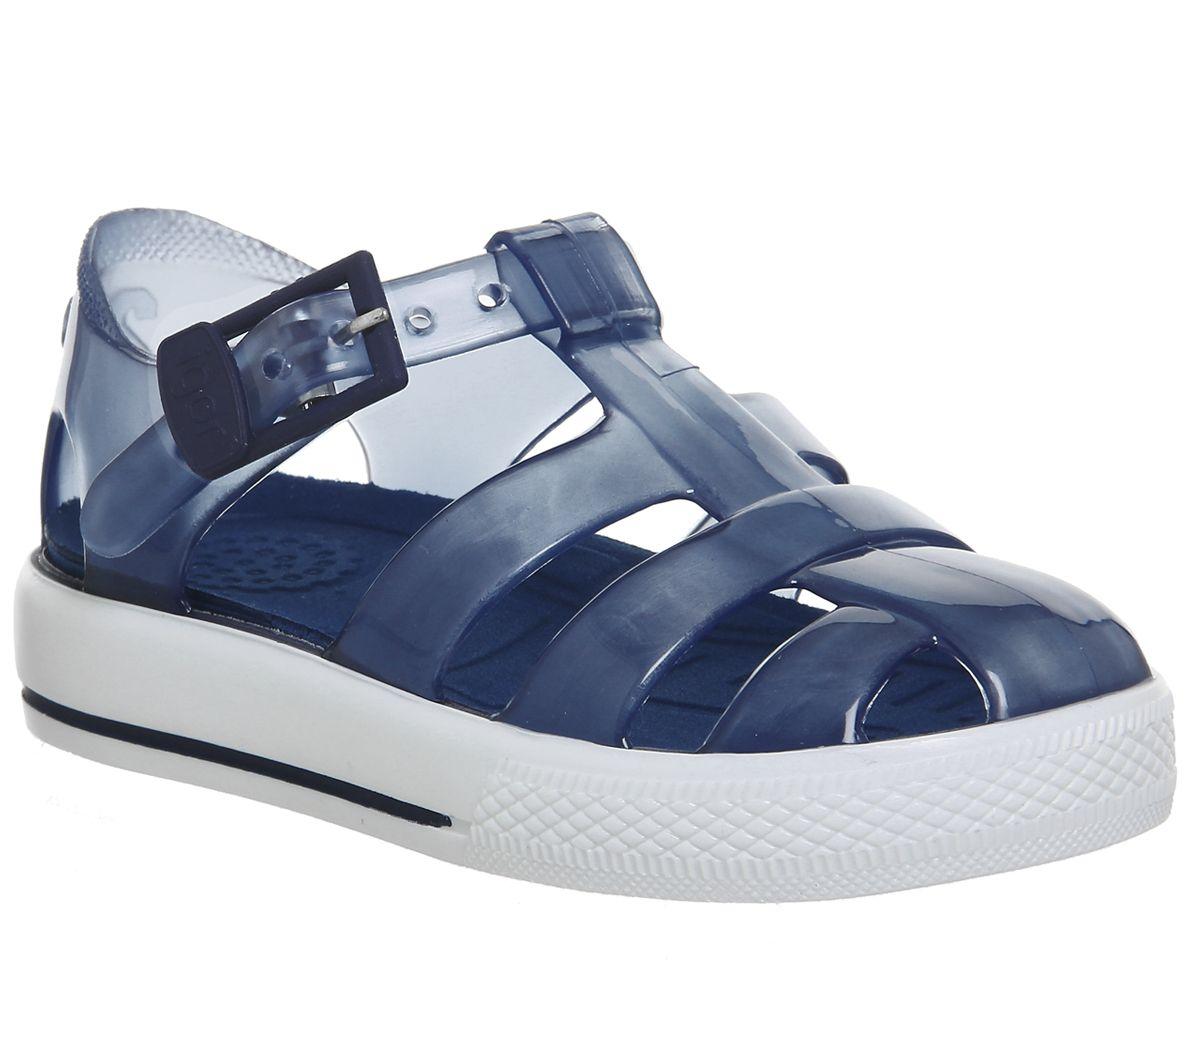 63177b40e0f8 Igor Tenis Kids Shoes Azul Blue - Unisex